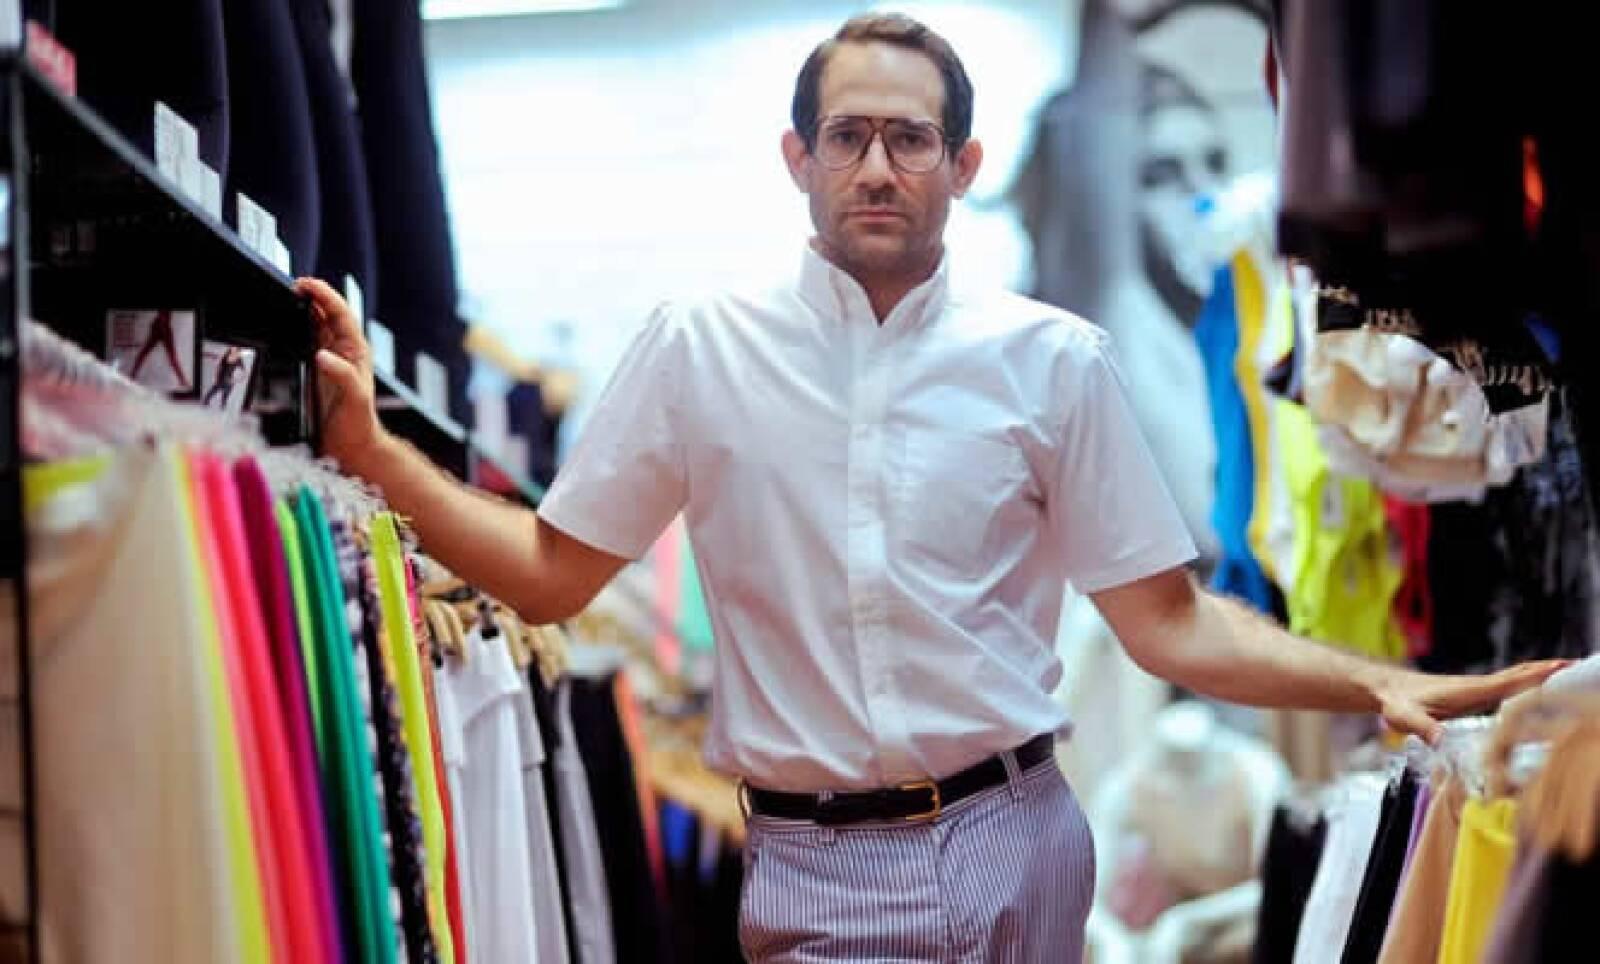 El CEO de American Apparel  fue despedido esta semana por su supuesta mala conducta, lo que puso fin a su largo historial de comportamiento extraño y demandas en su contra por acoso sexual.